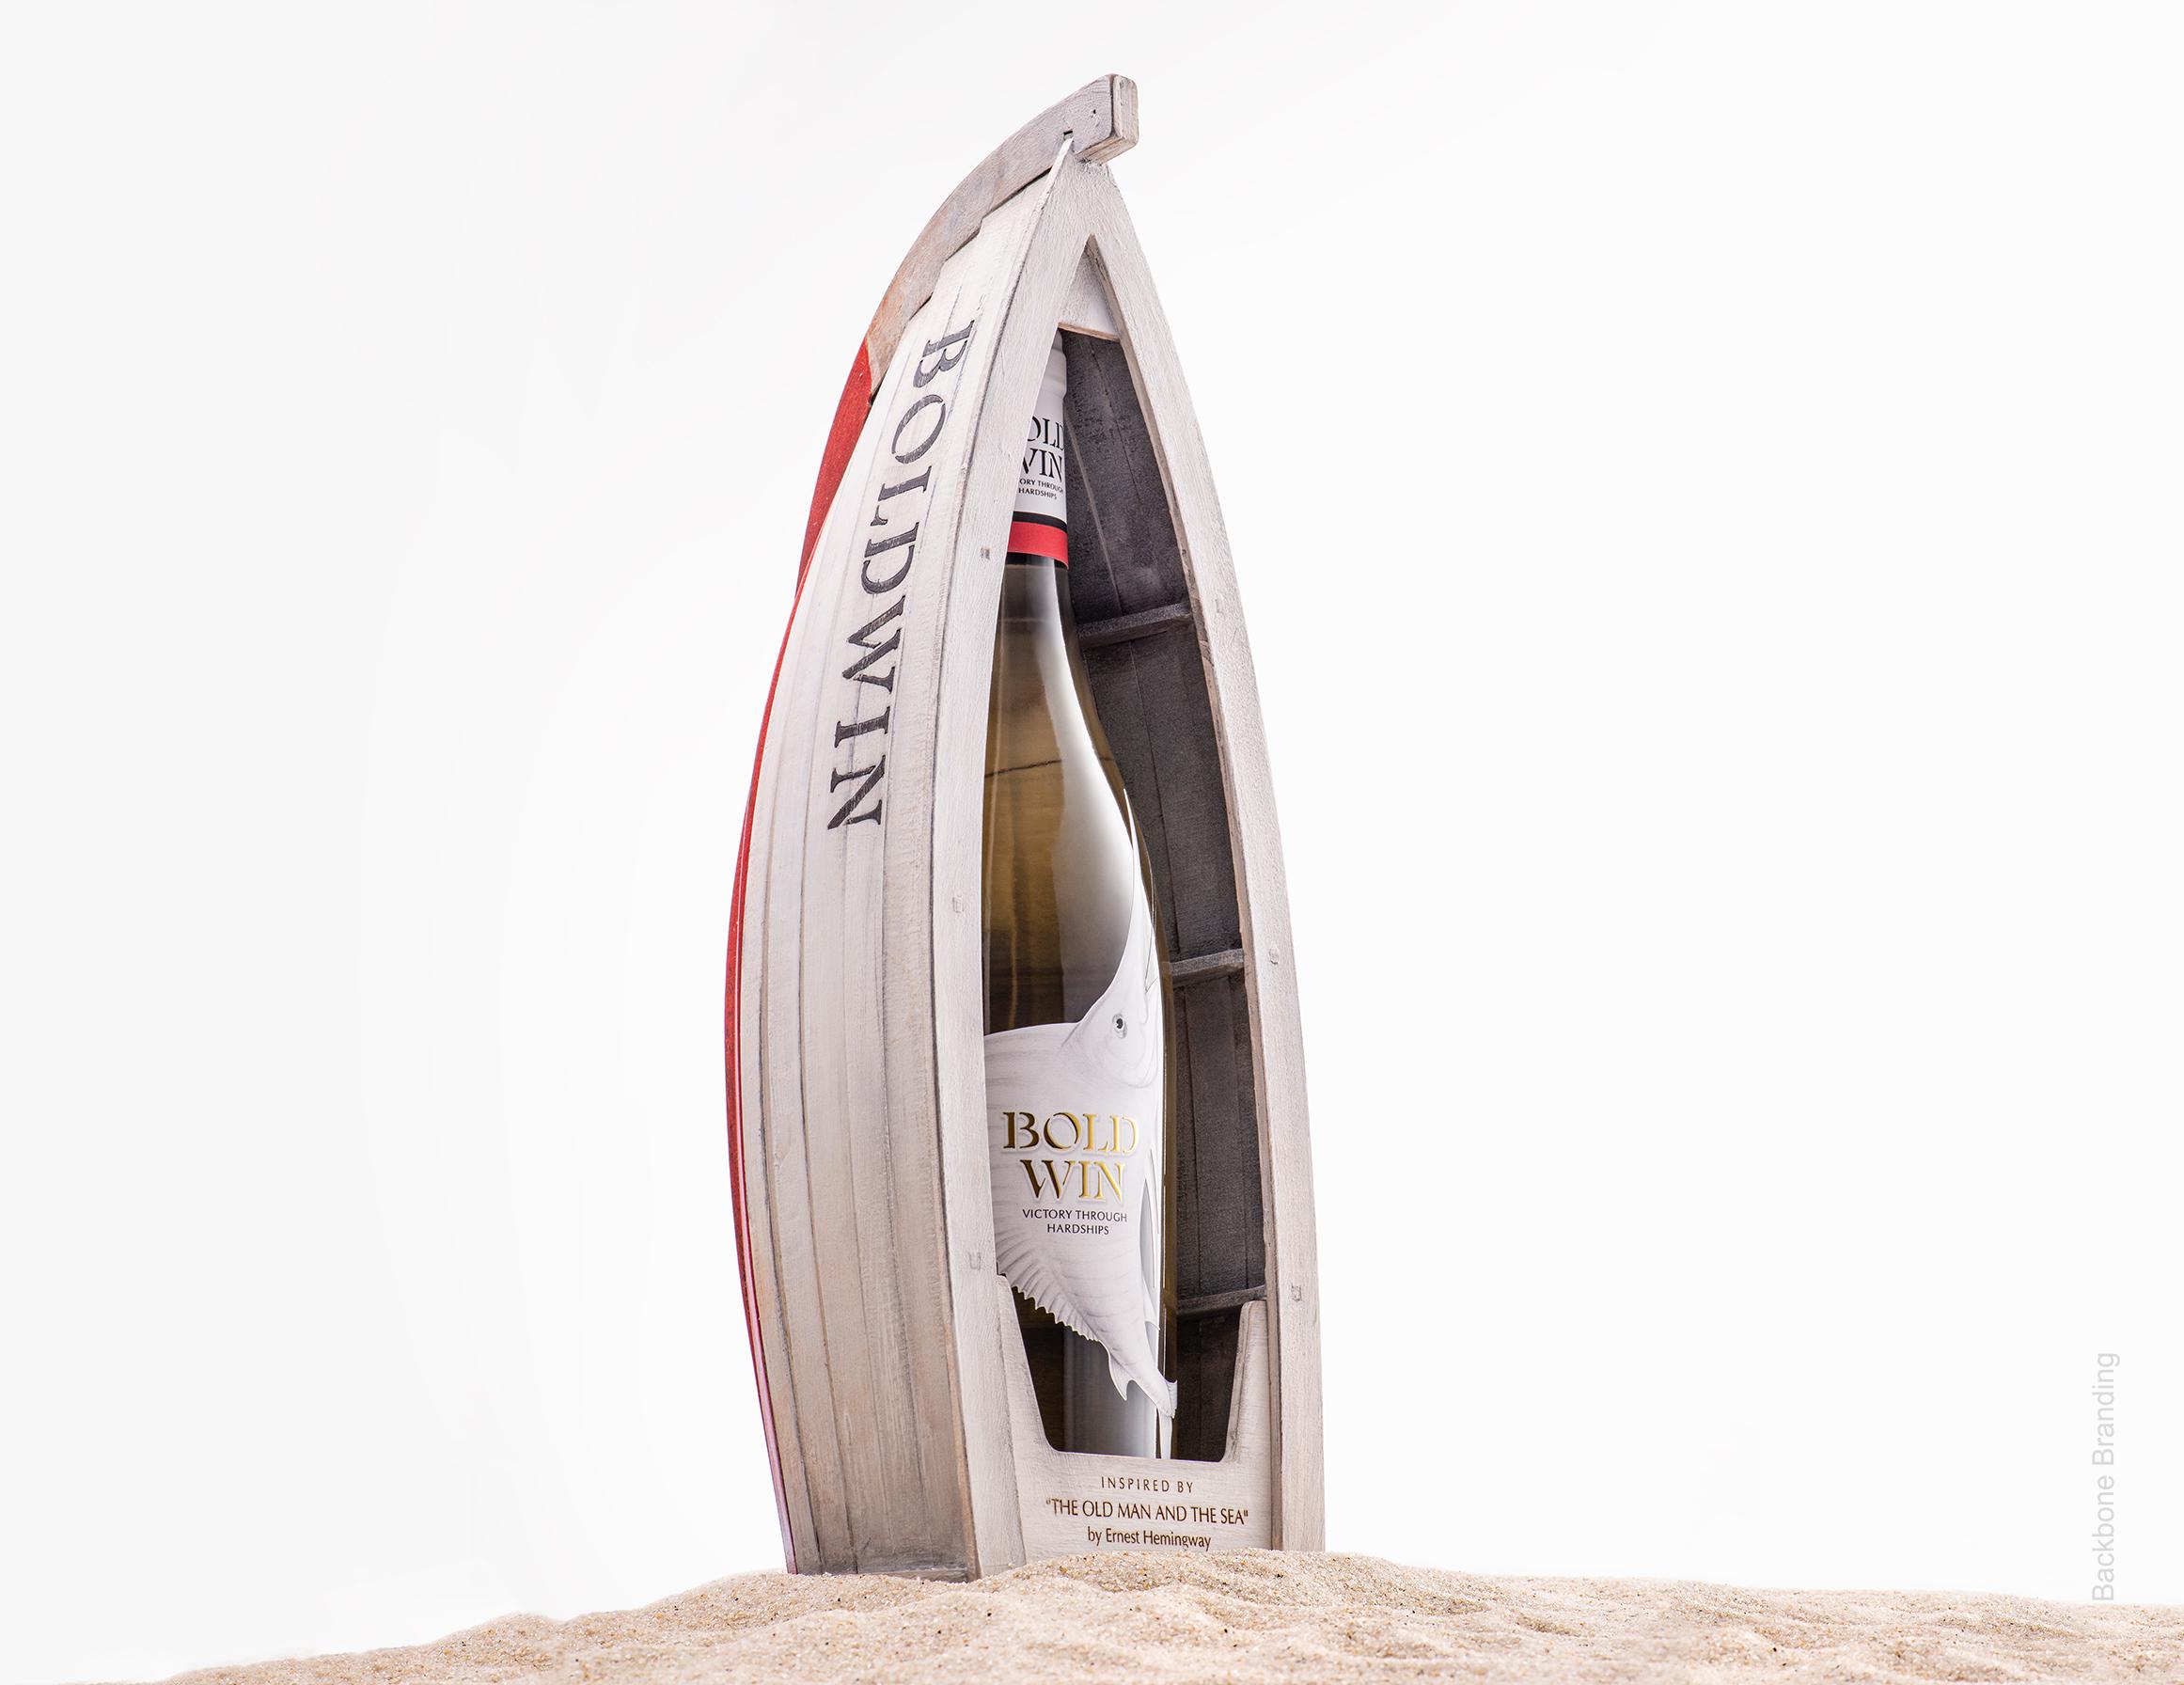 Backbone Branding's Self-Promotion Bold Win Wine Project